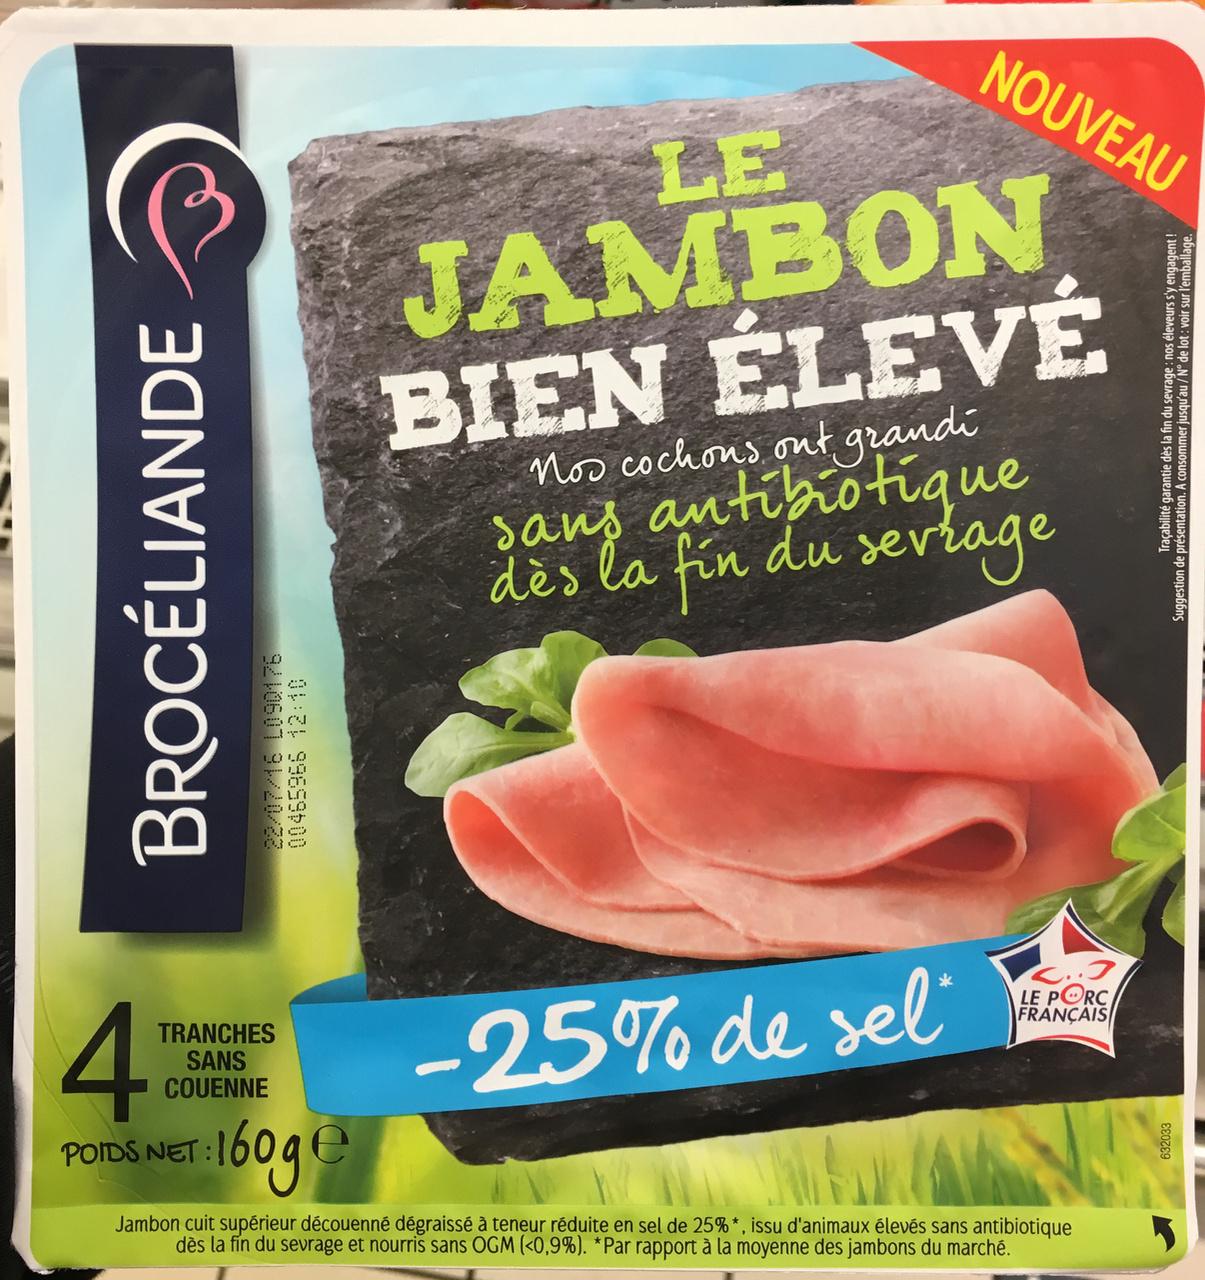 Le Jambon bien élevé (-25% de sel) - Produit